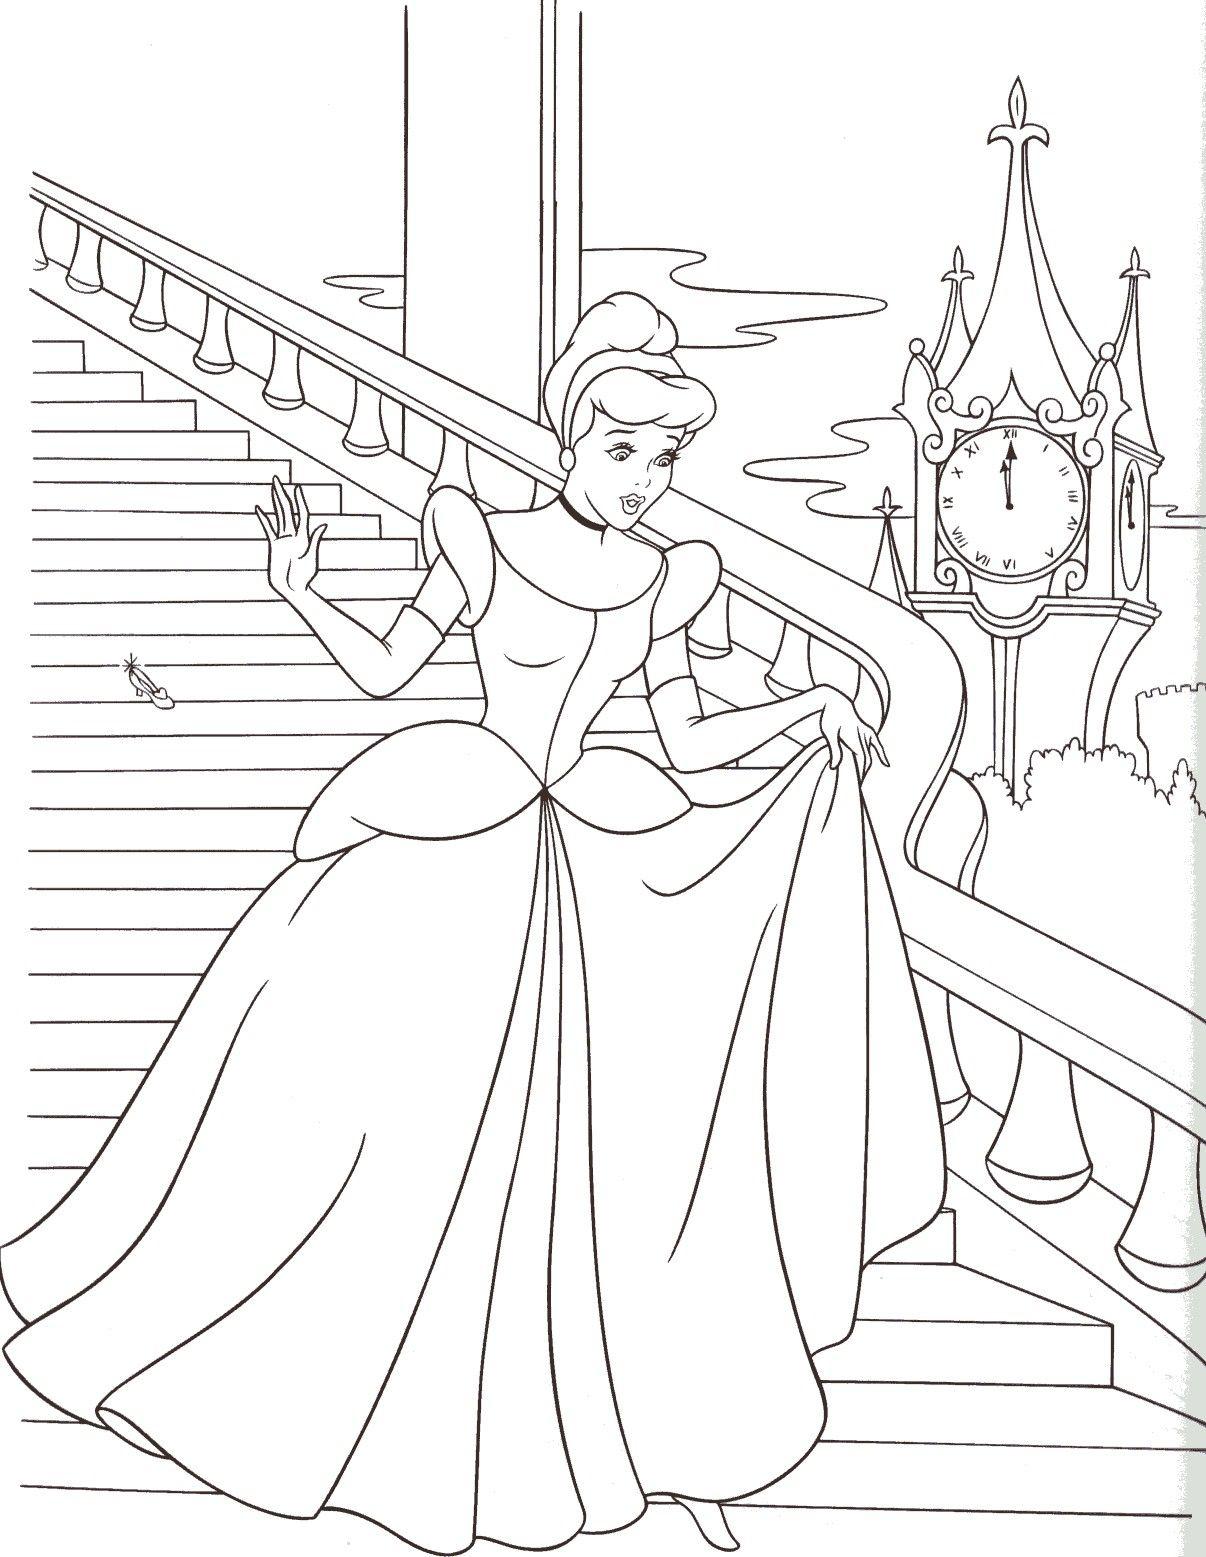 Cinderella | Ausmalbilder Kinder, Ausmalen, Ausmalbilder bestimmt für Prinzessin Schablonen Zum Ausdrucken